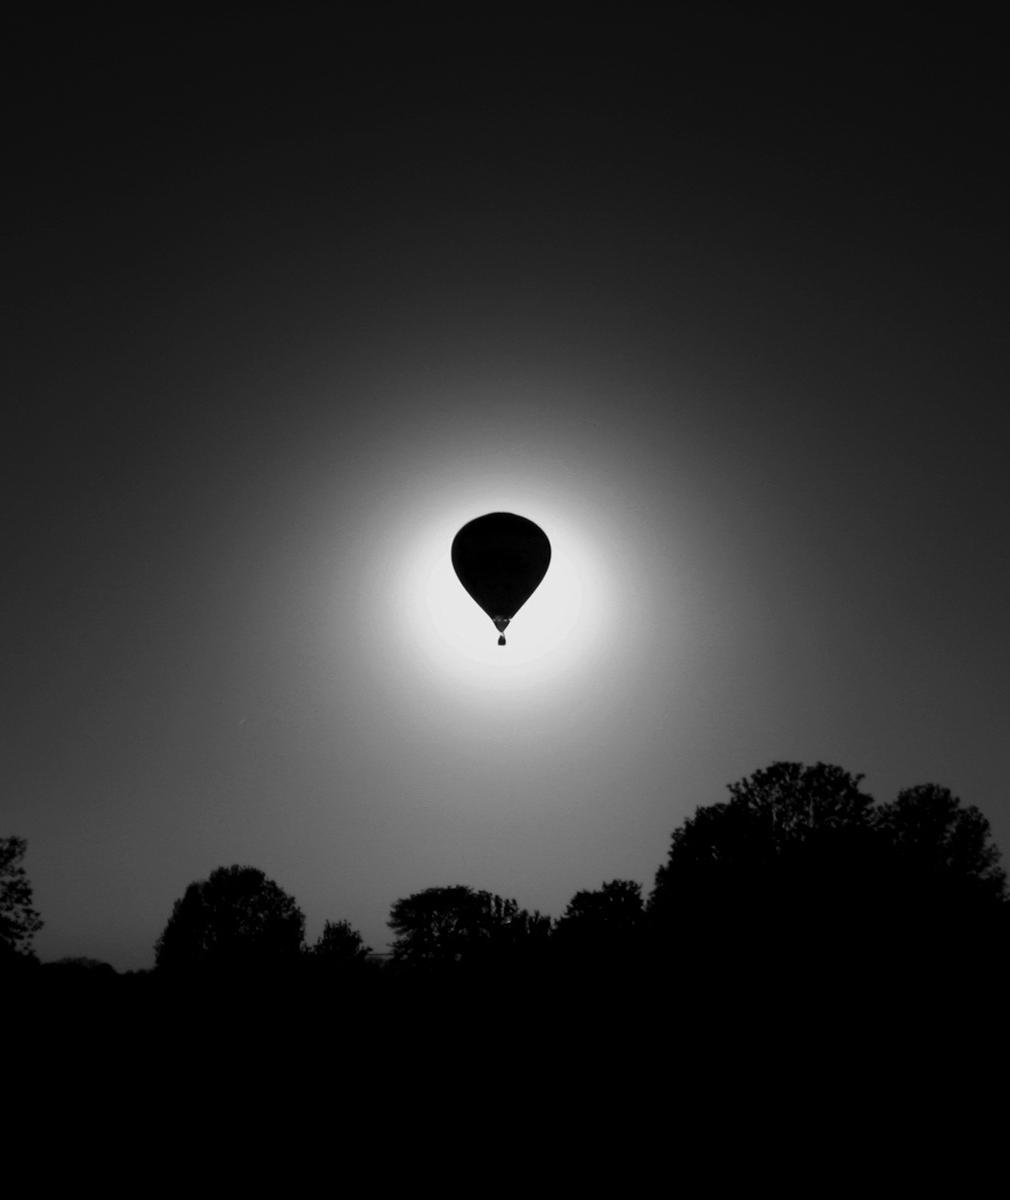 balloon-at-night2